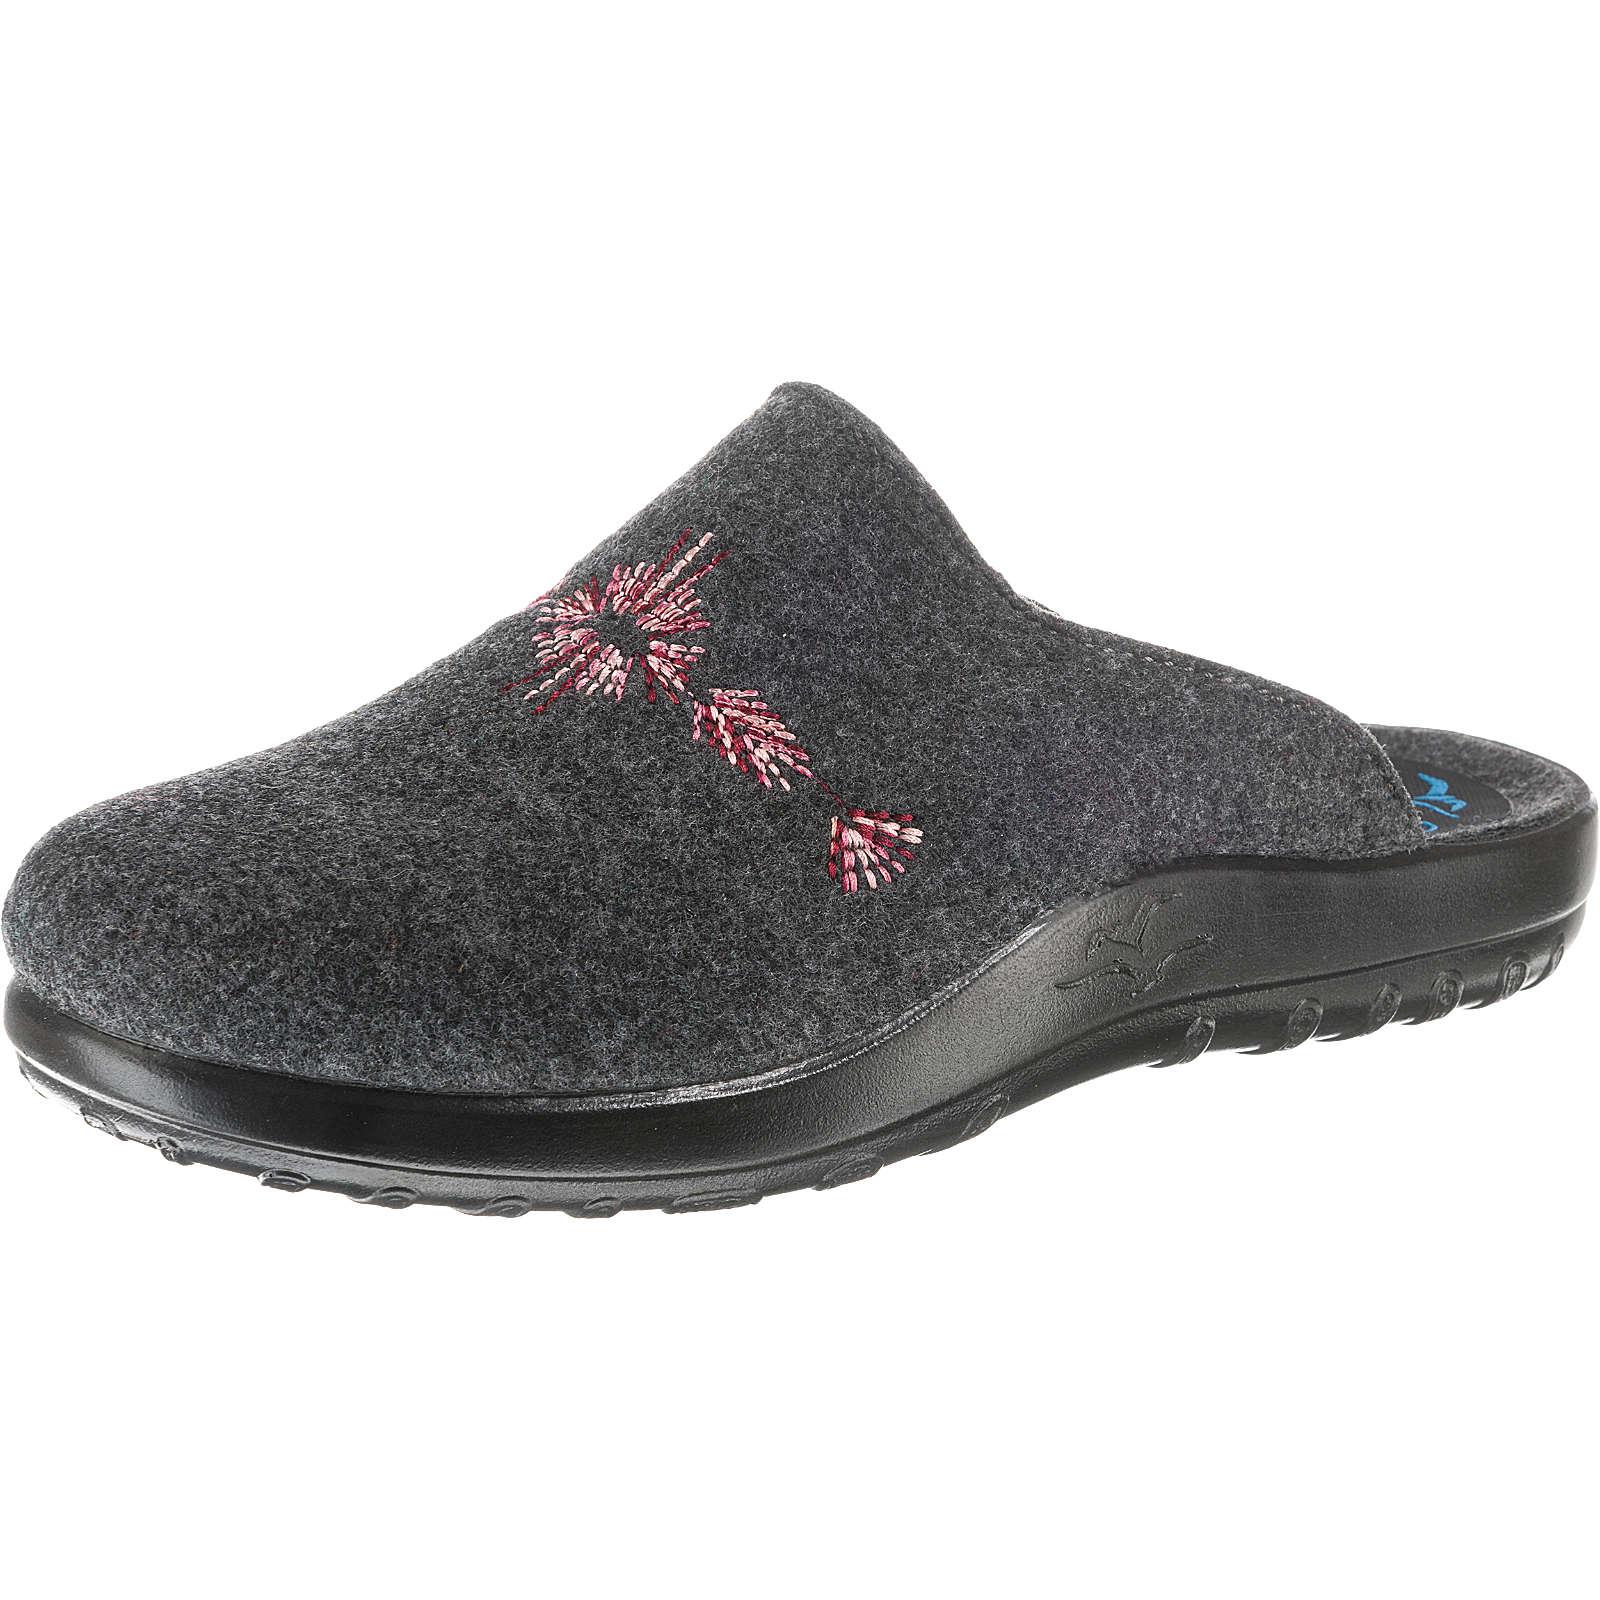 FLY FLOT Pantoffeln anthrazit Damen Gr. 41